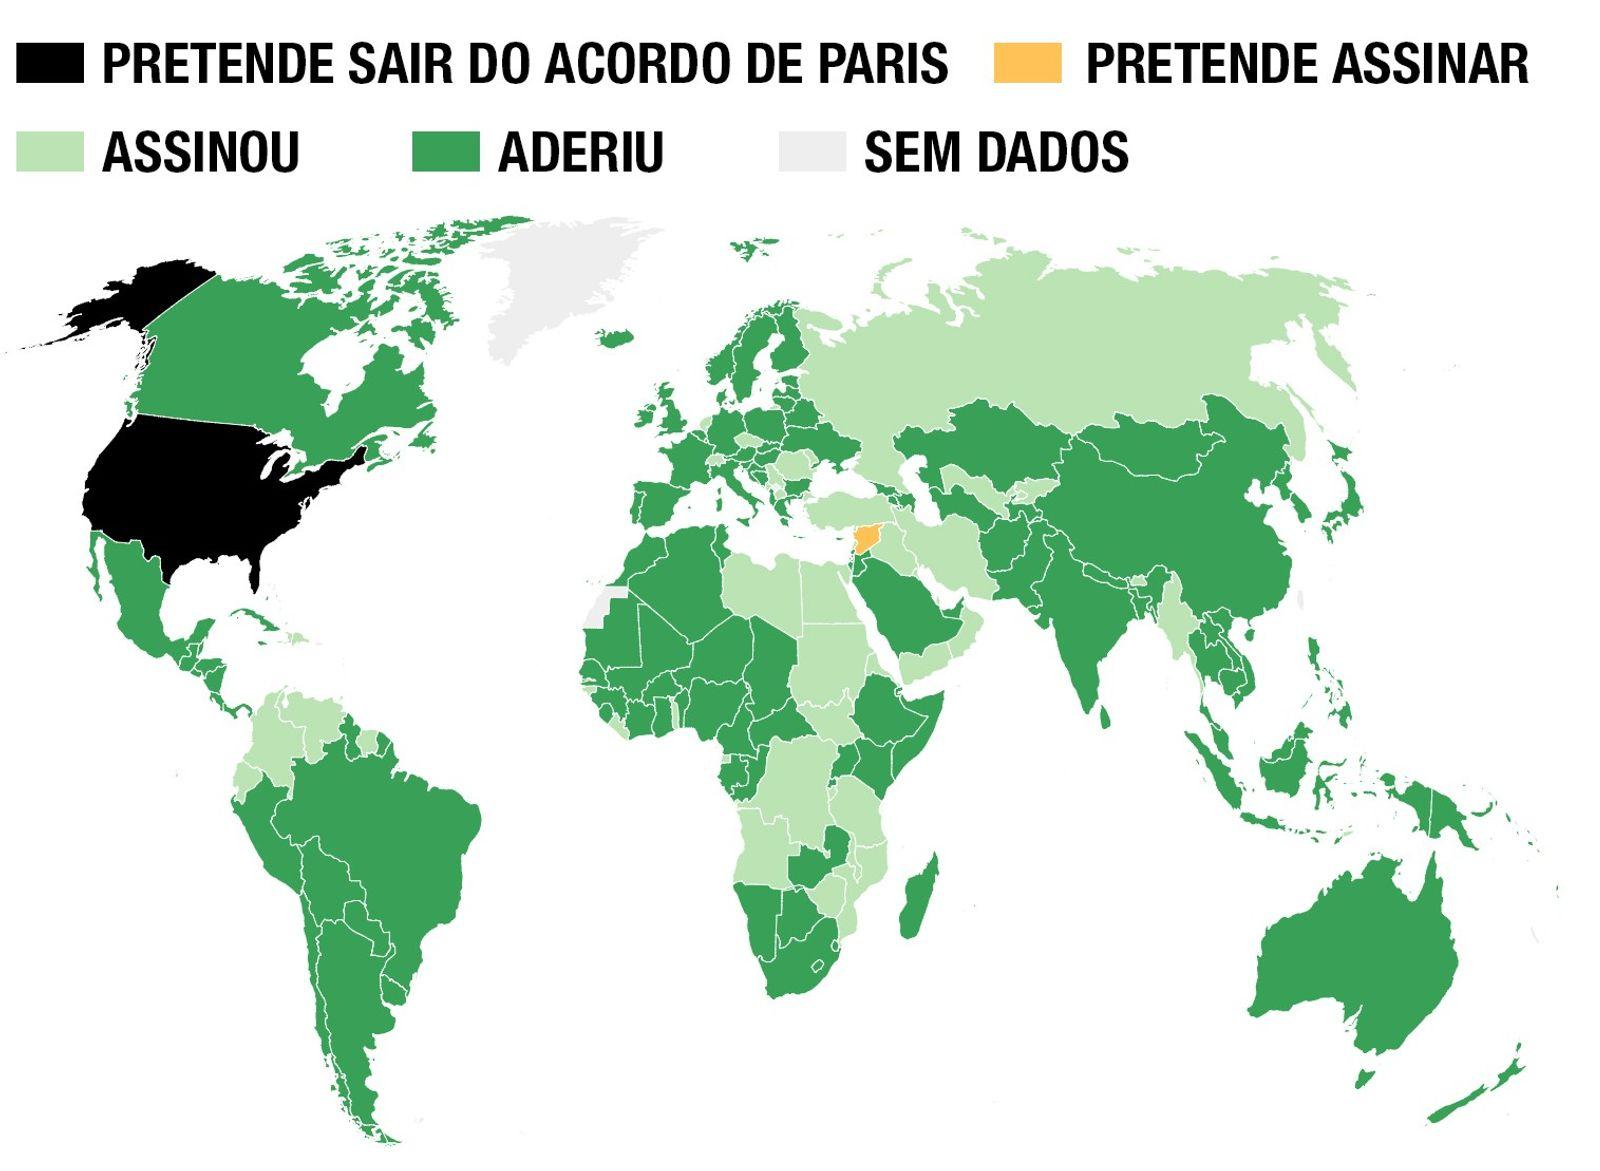 Depois que os países assinam o Acordo de Paris, eles aderem formalmente ao pacto, ratificando, aceitando ...